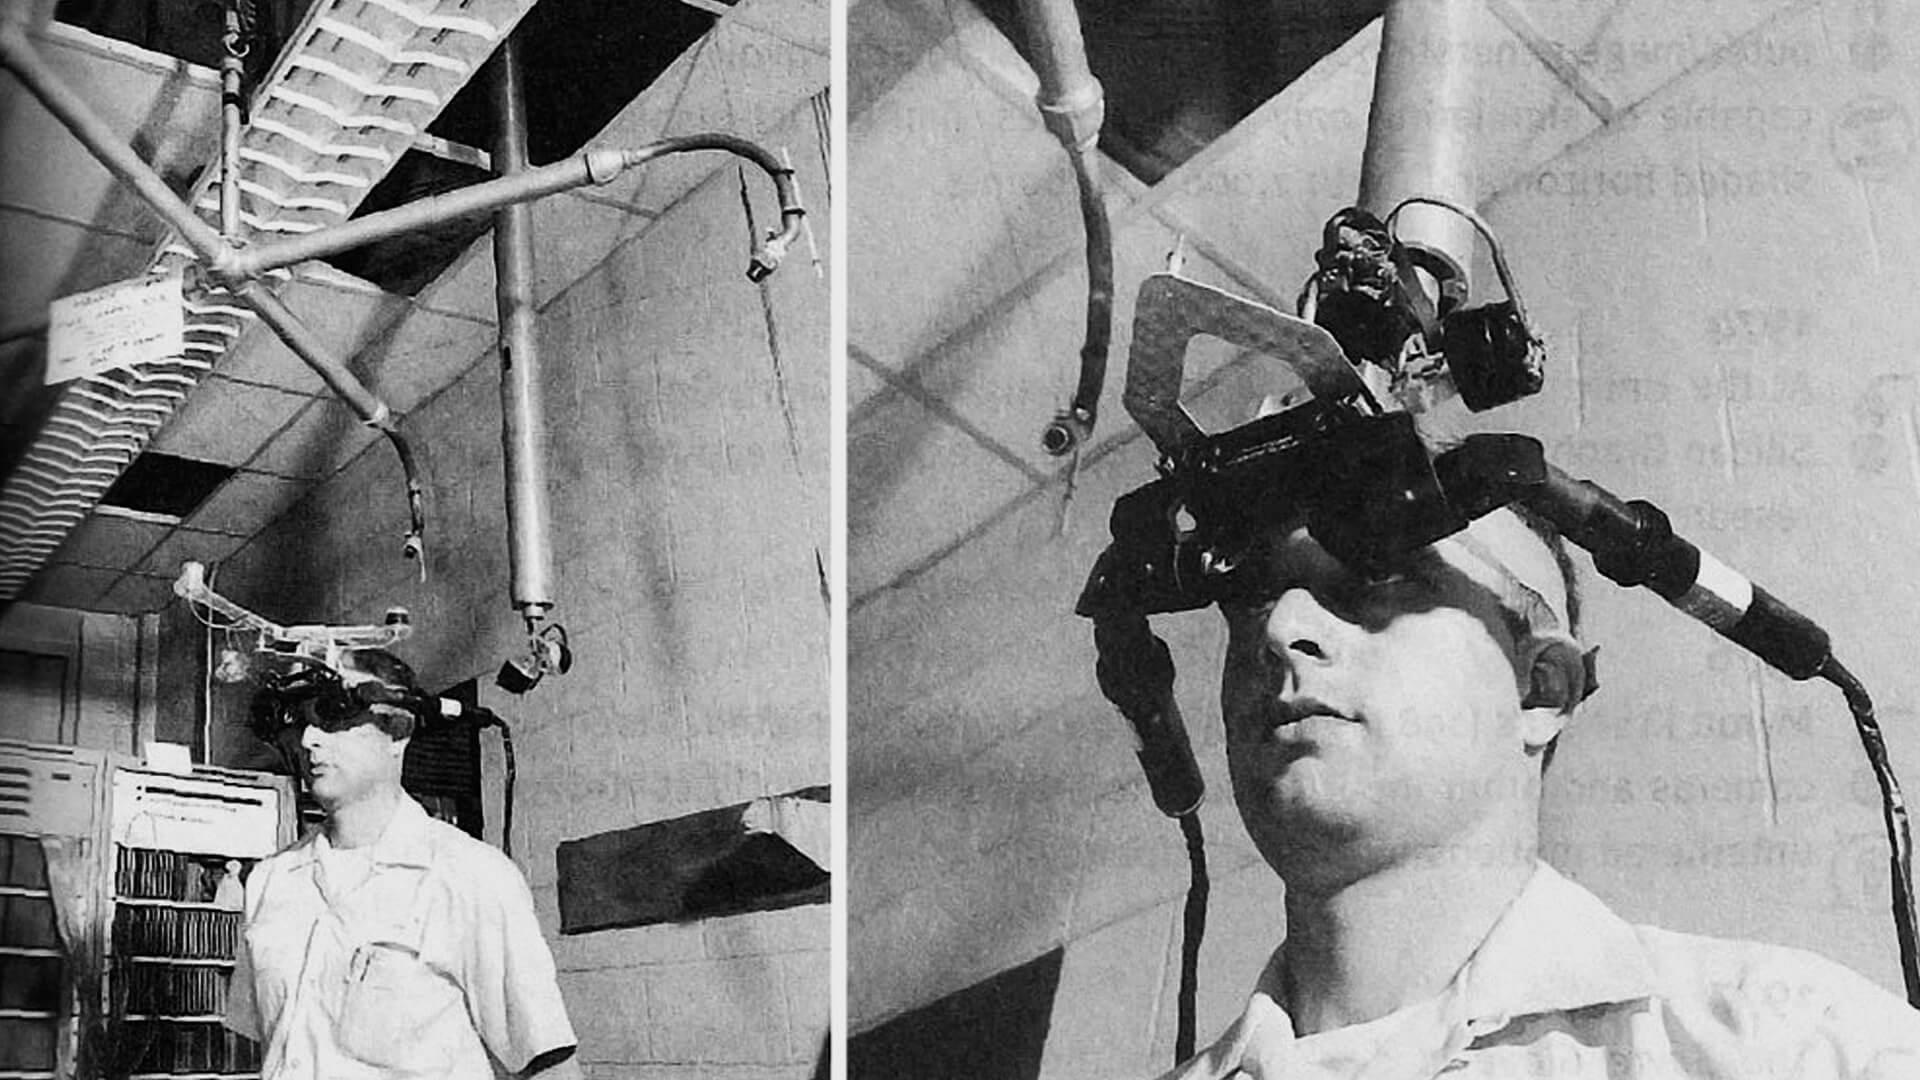 A imagem é dividida em duas partes. Ambas mostram um homem utilizando o equipamento Sword of Damocles. A imagem da esquerda é mair aberta. A imagem da direta mostra mais a parte do rosto.